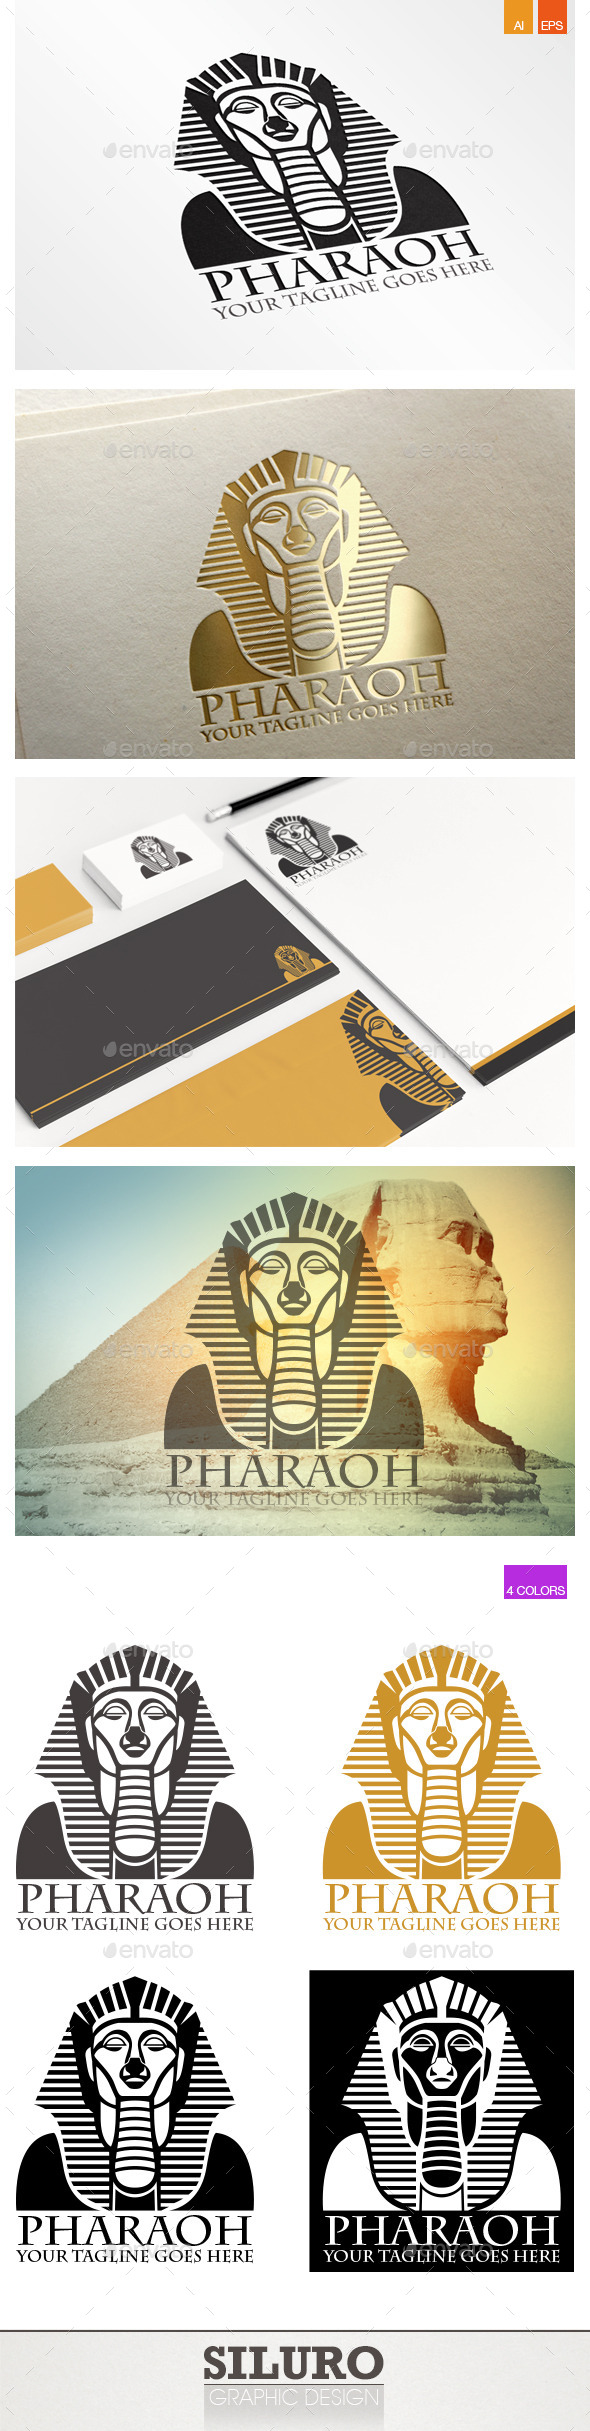 GraphicRiver Pharaoh Logo 9997099